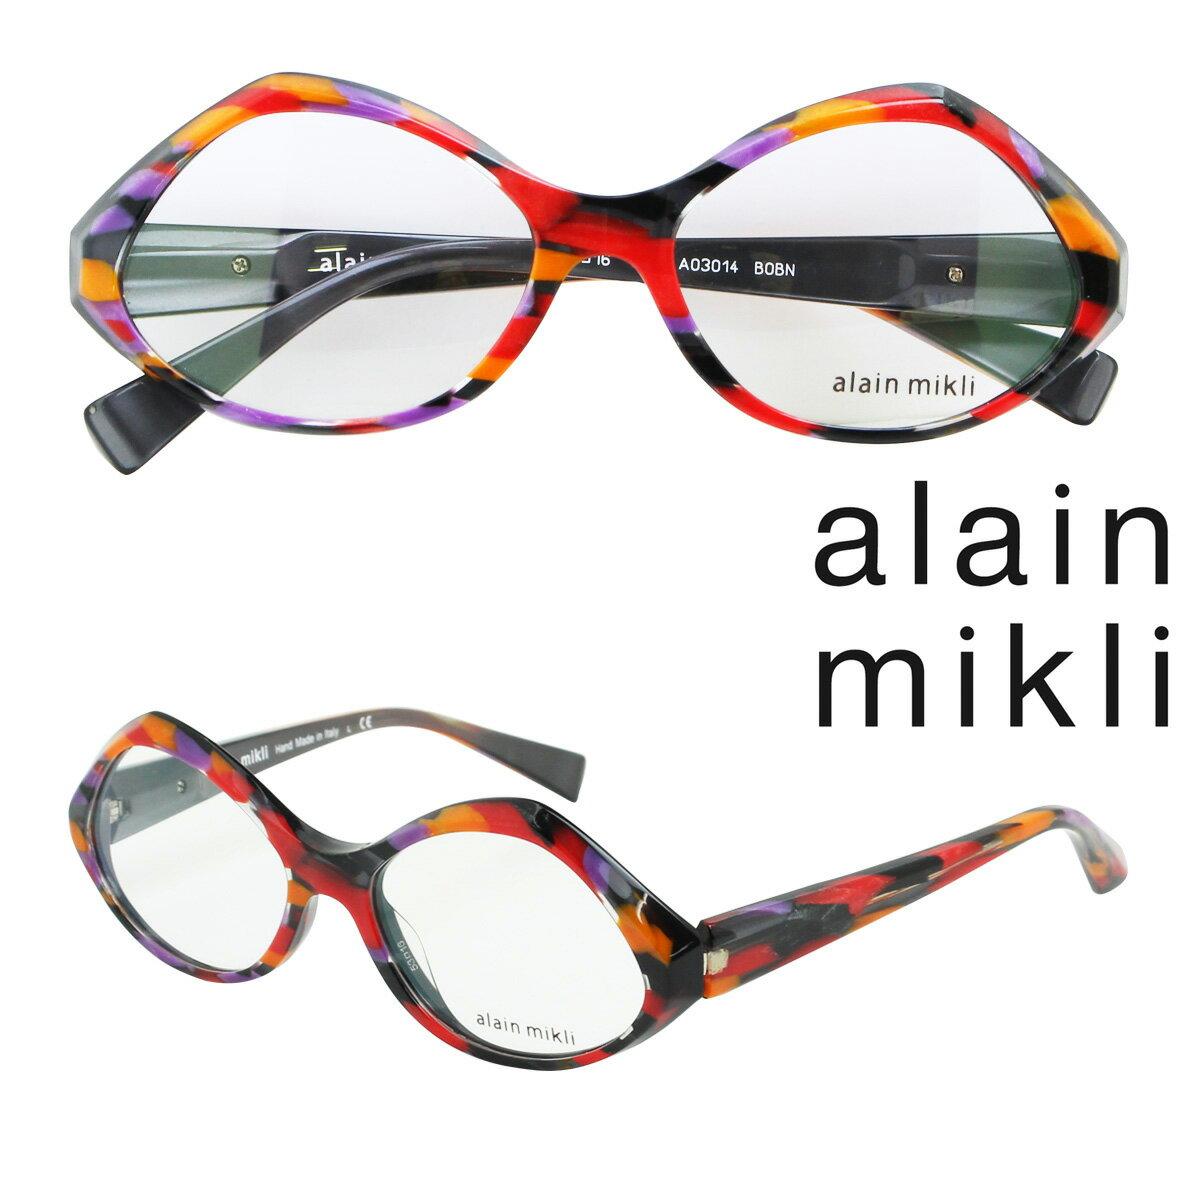 【最大2000円OFFクーポン ポイント最大32倍】 アランミクリ alain mikli メガネ 眼鏡 イタリア製 メンズ レディース 【返品不可】